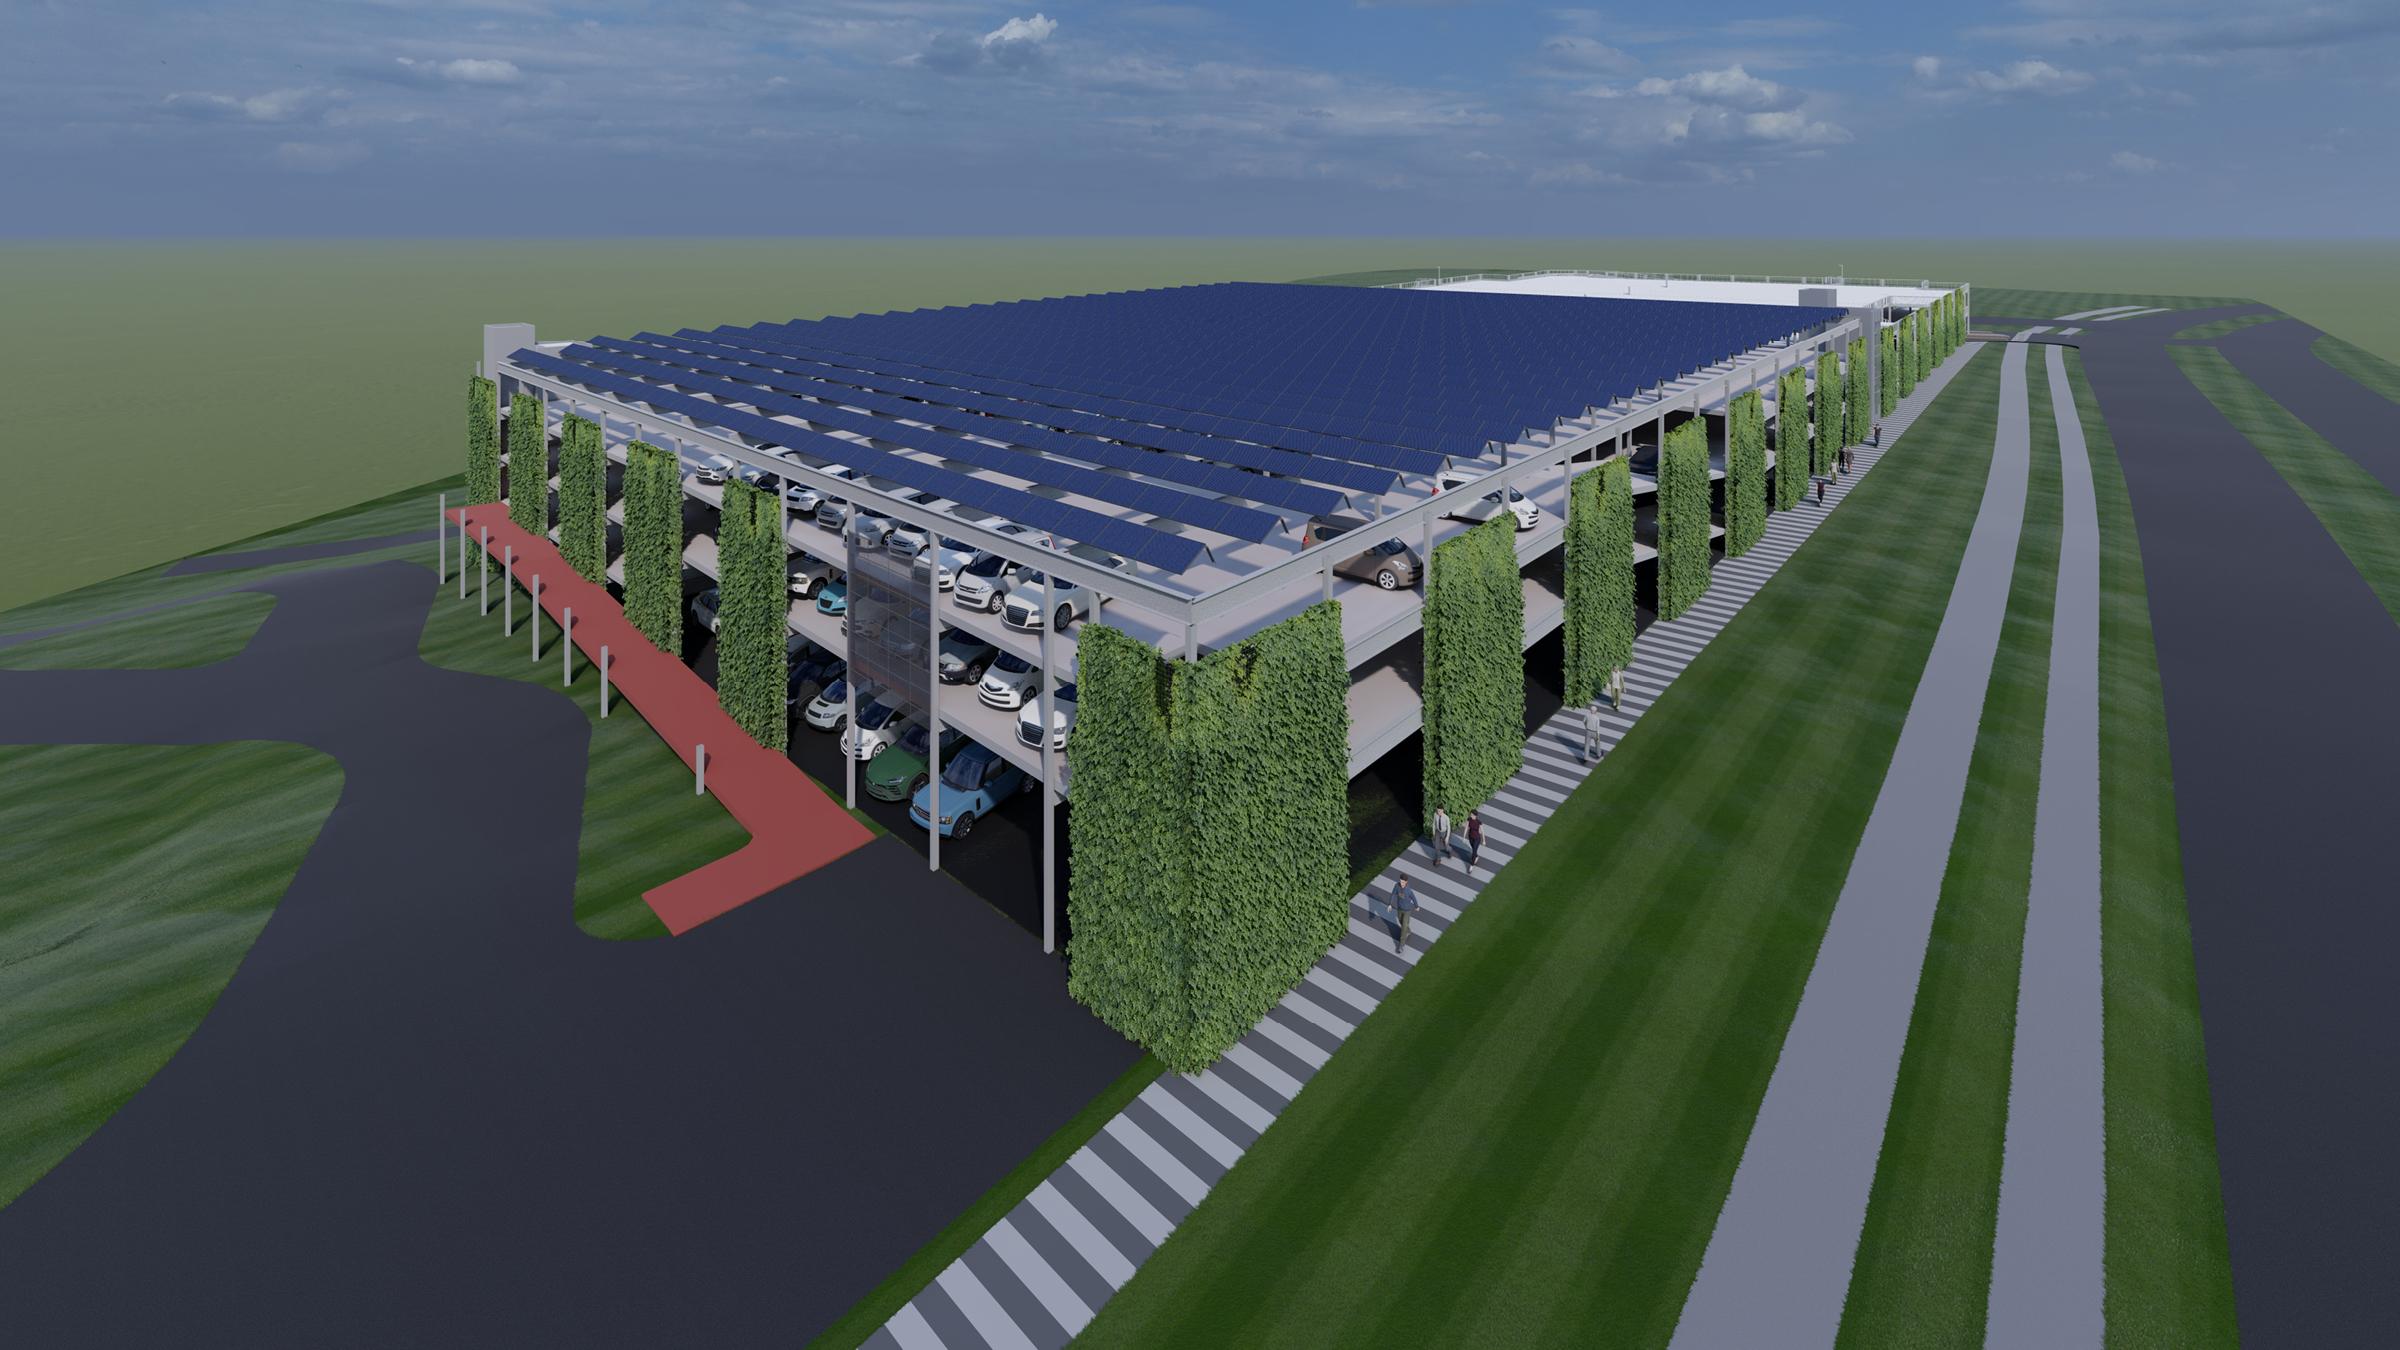 Contract voor uitbreiding en verduurzaming parkeergarage UZ Brussel